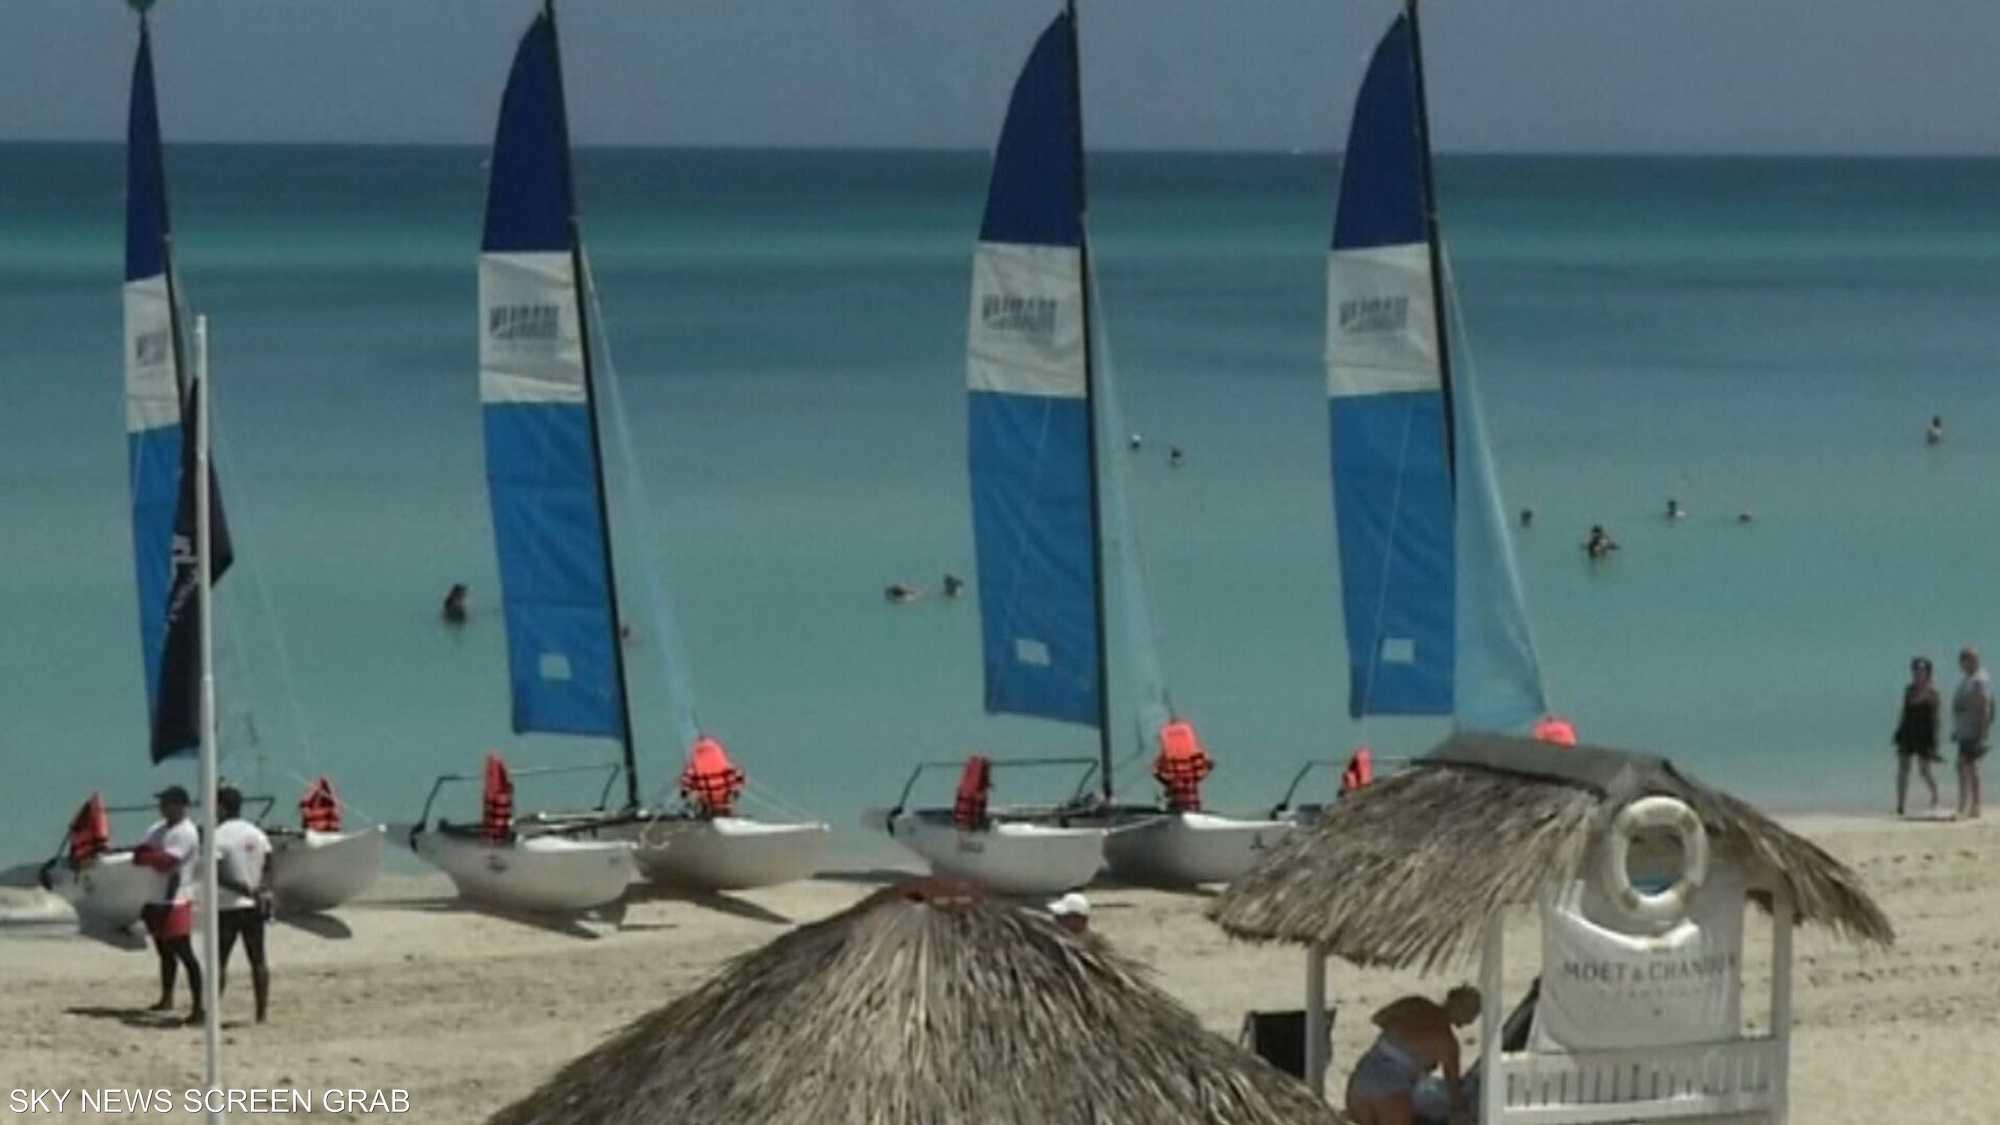 هافانا.. مدينة المتاحف وعروس البحر الكاريبي